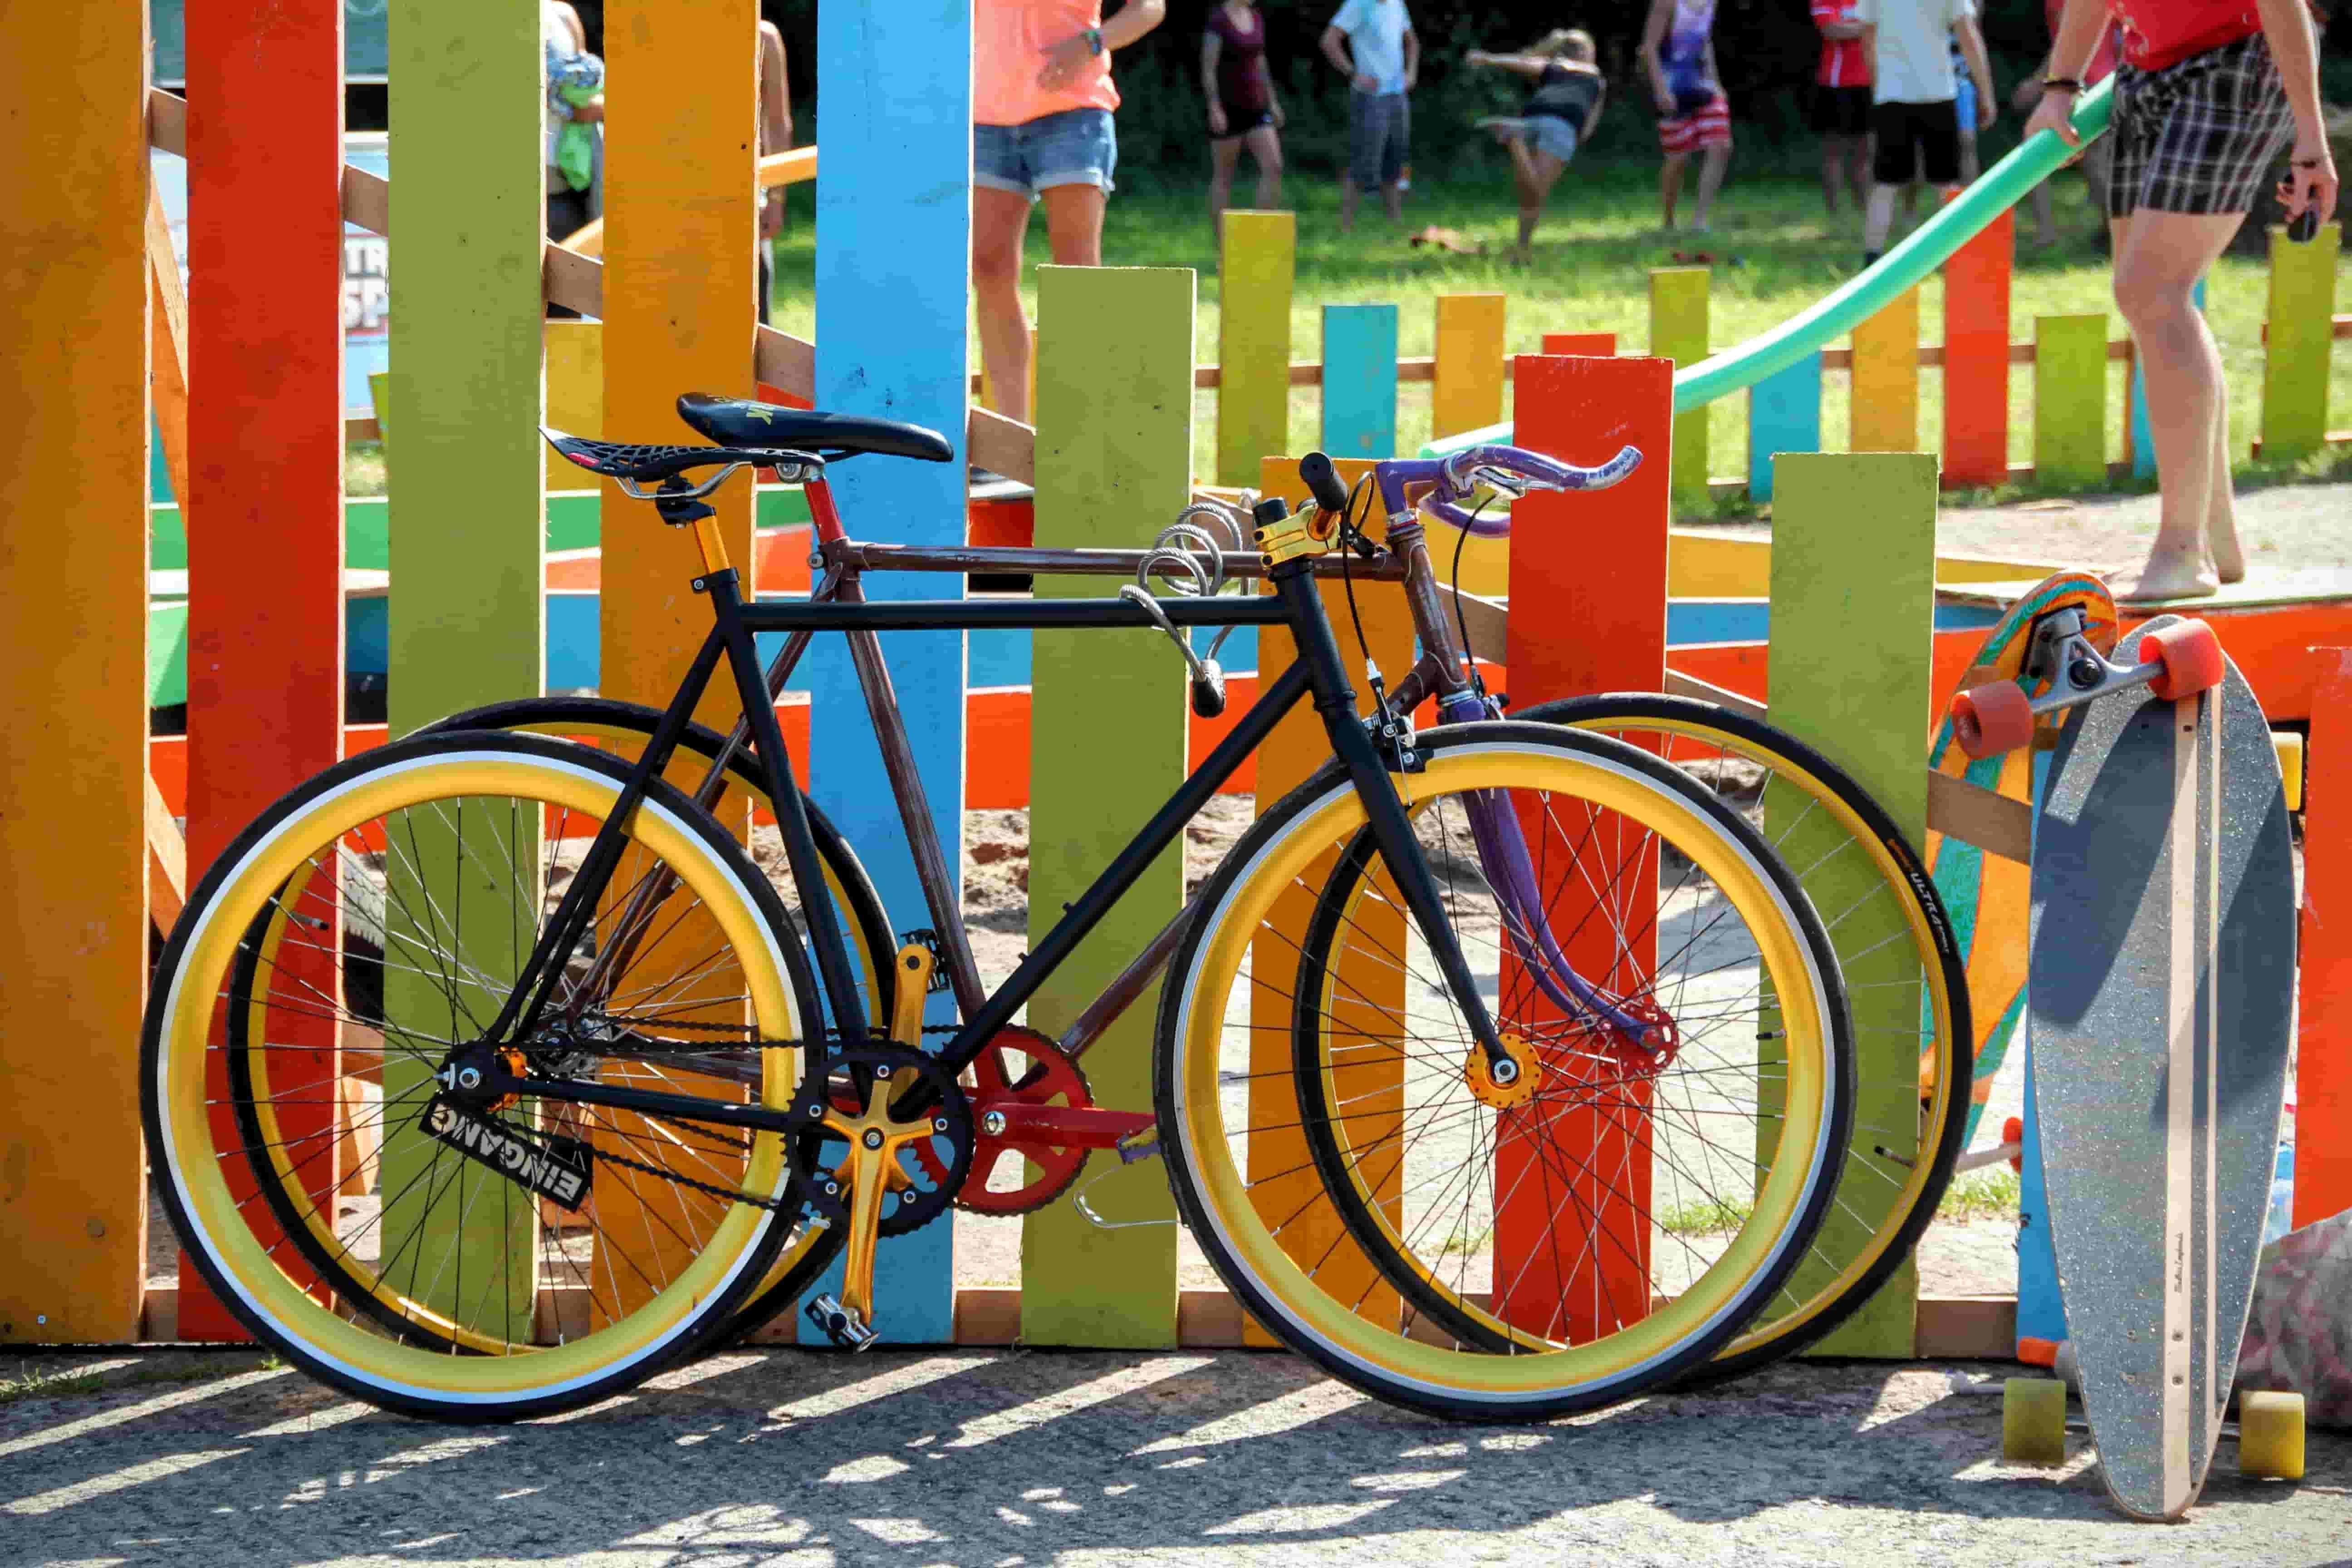 Bike tour Valencia, Segway tour Valencia, Bike tour primavera valencia, Biketourvalencia centro historico,, biketour valencia jardines turia